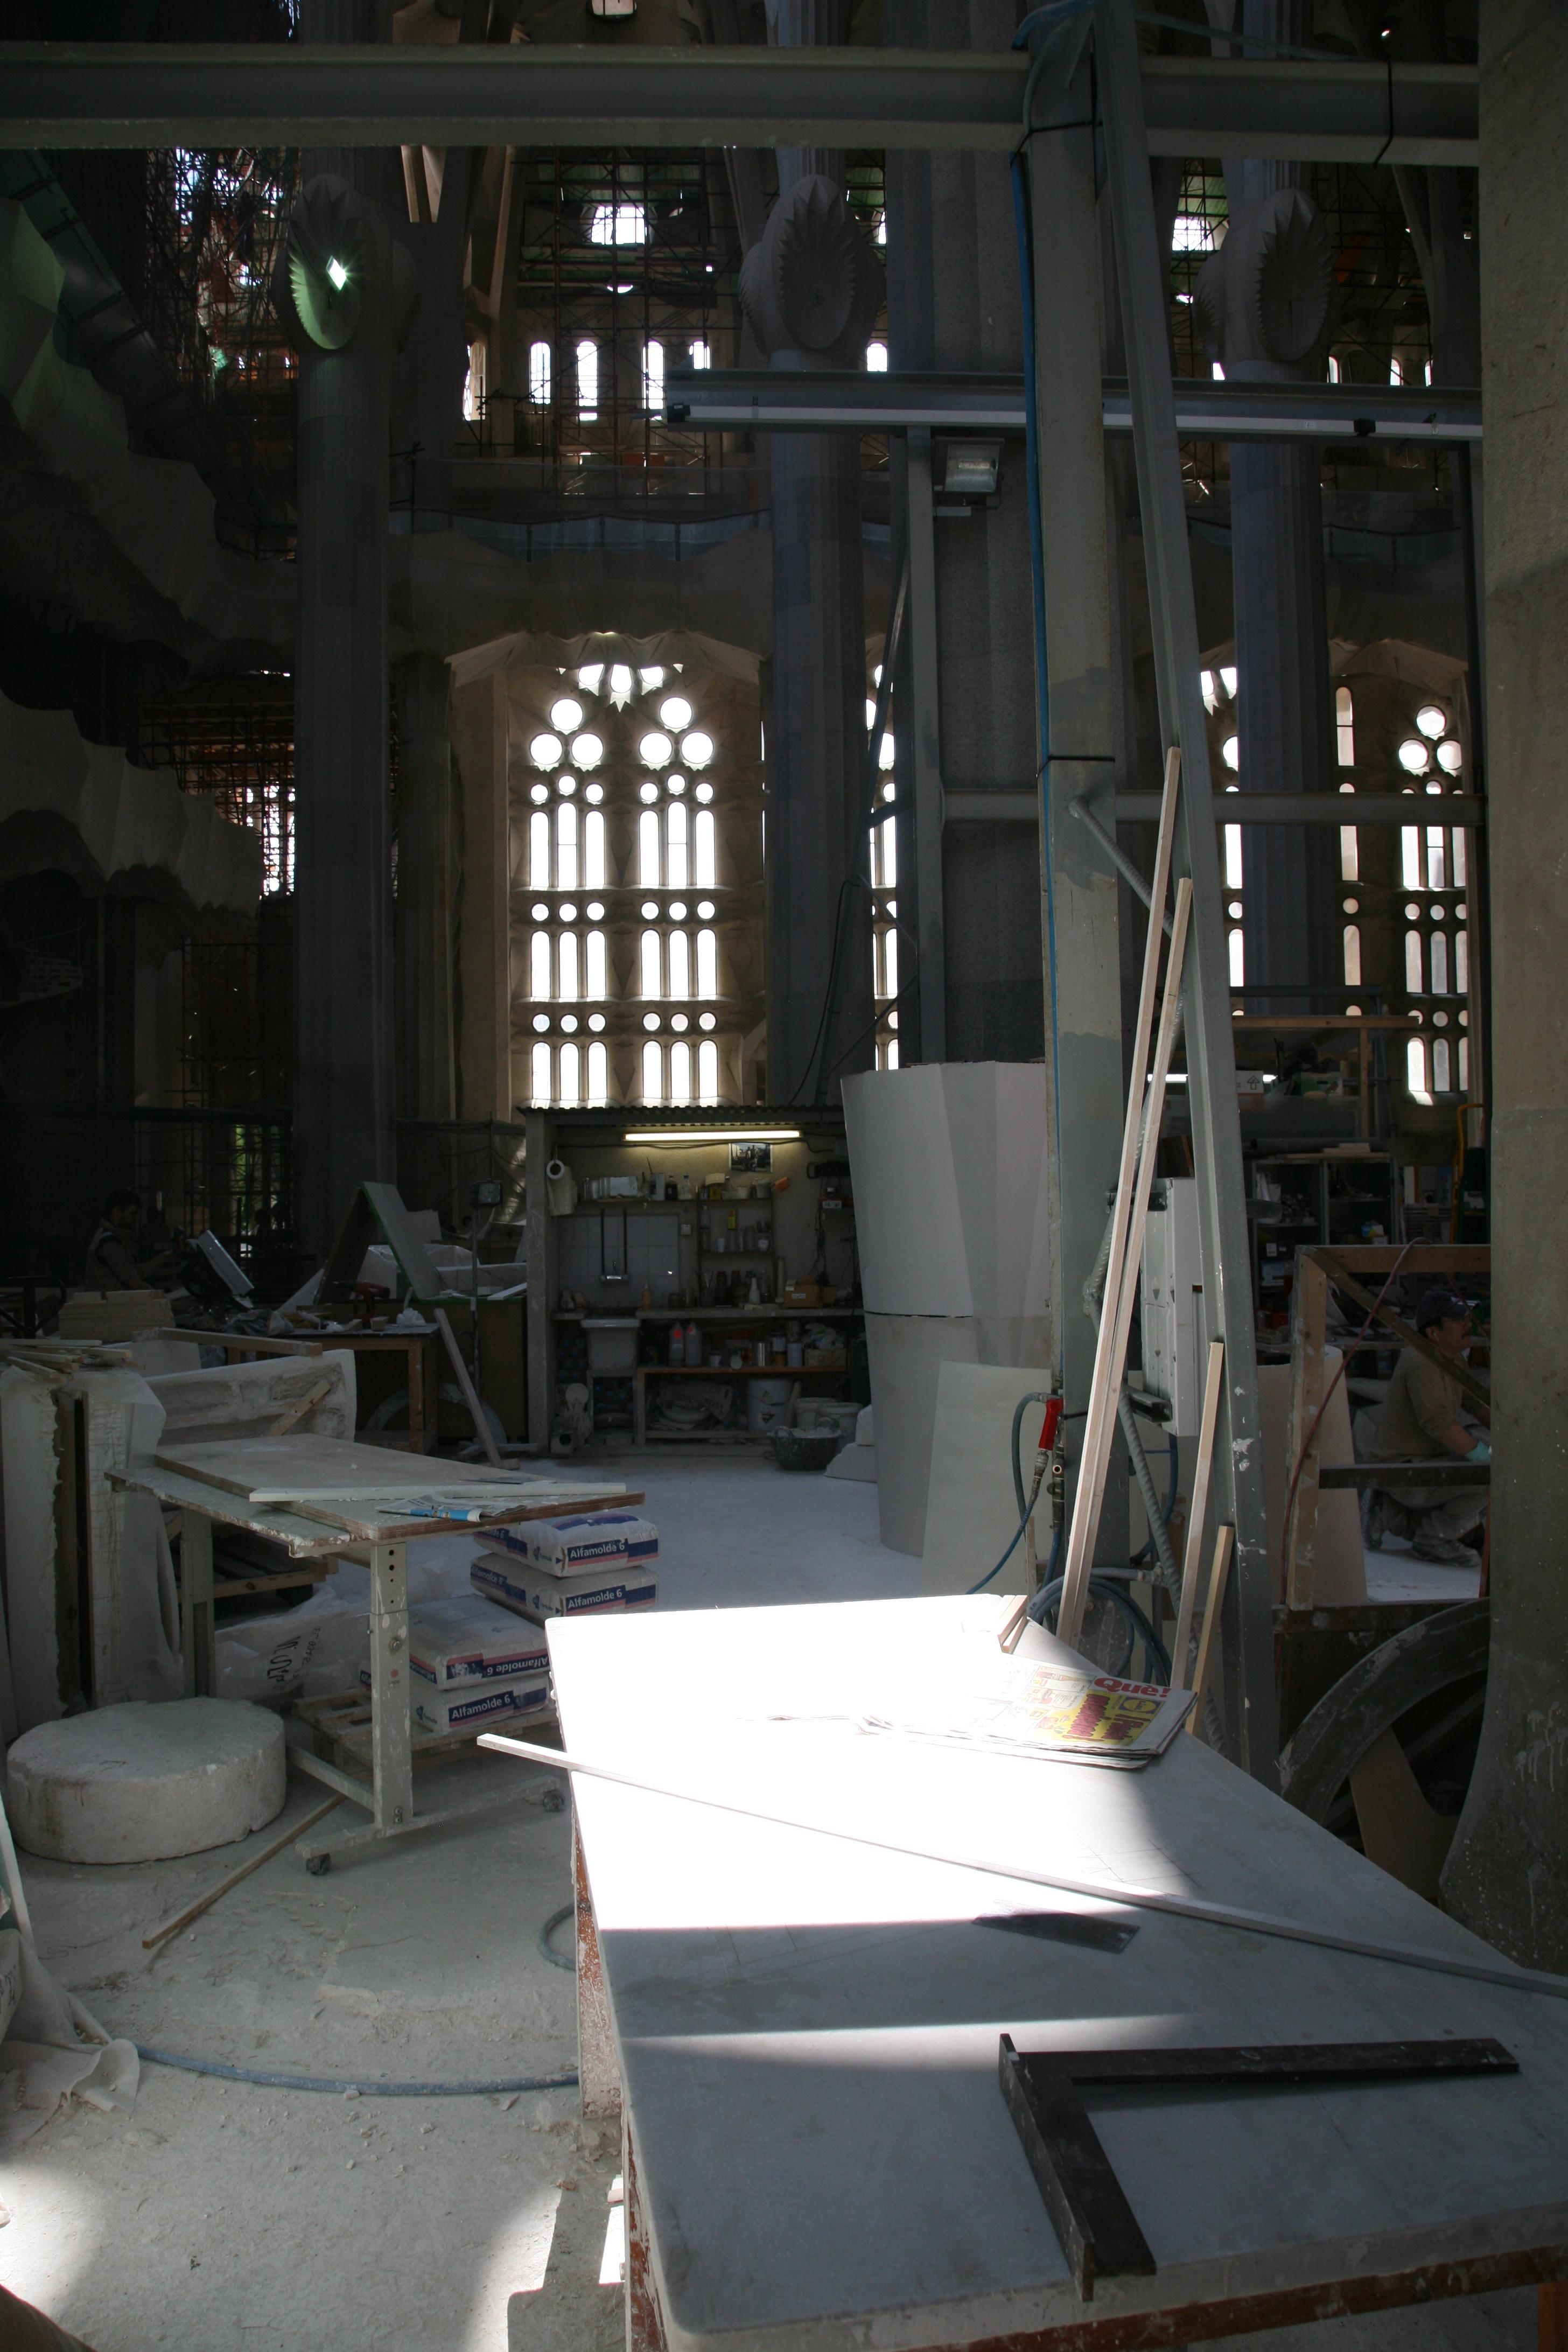 Fotos Gratis Arquitectura Edificio Casa Mueble Iluminaci N  # Muebles De Casa Barcelona